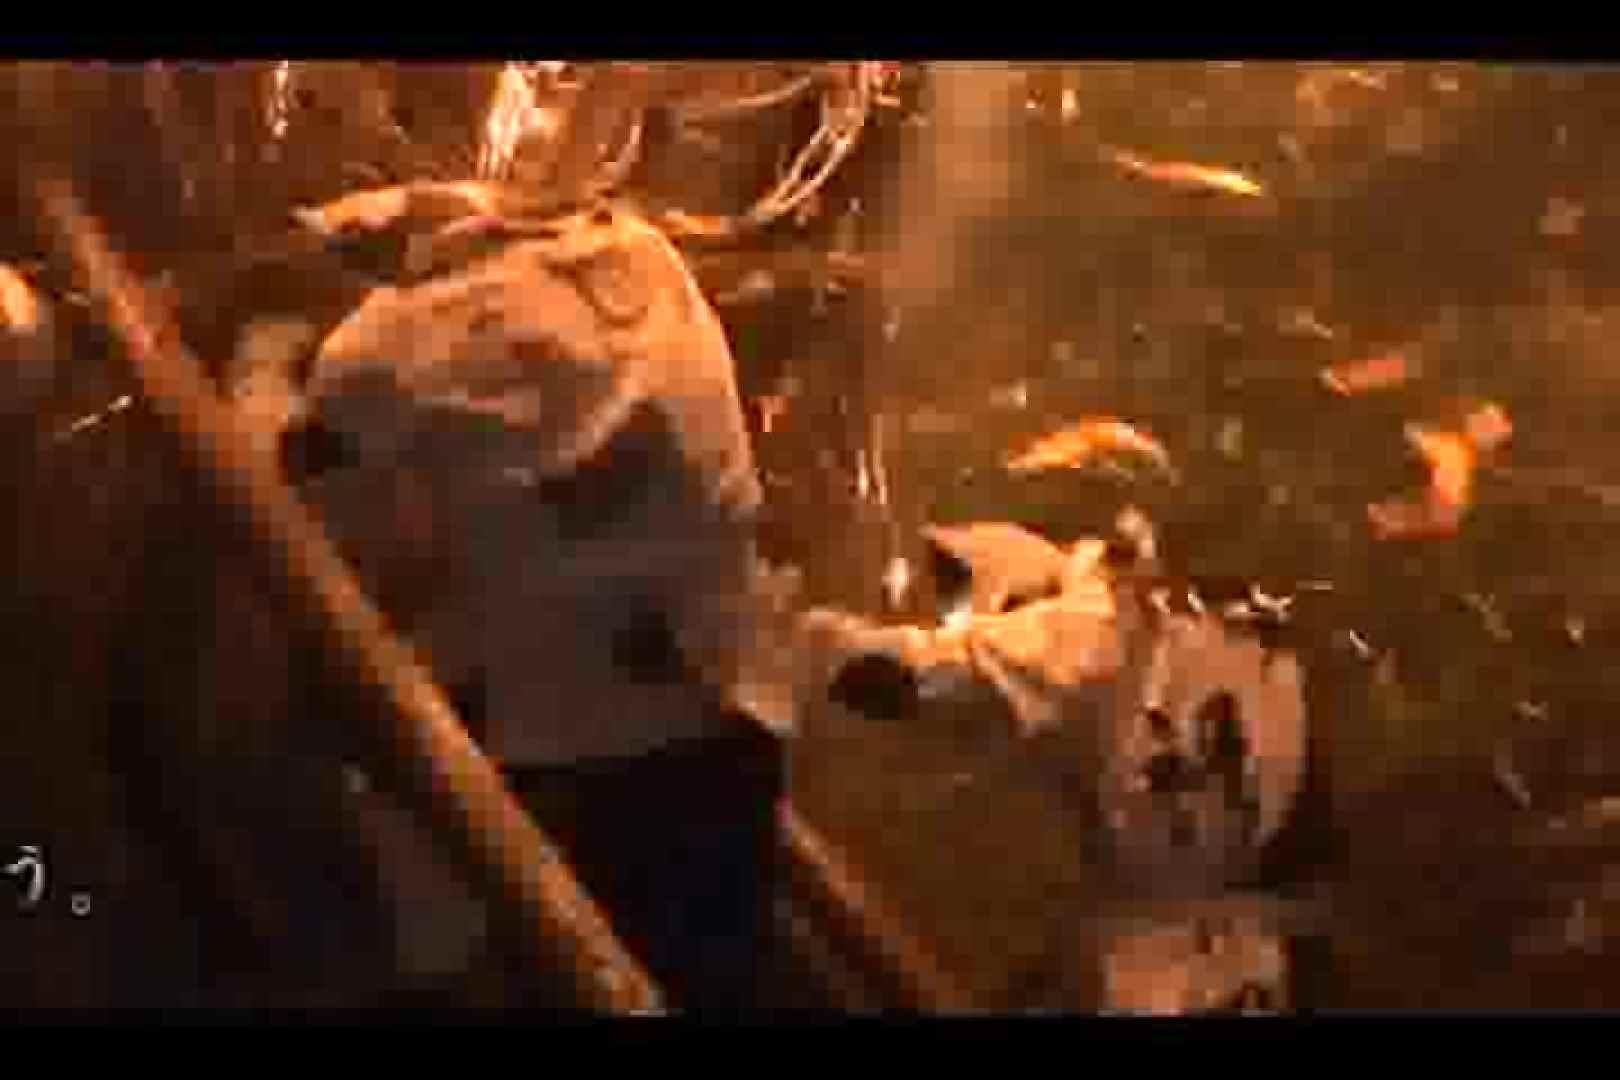 鳥羽の火祭り 3000K!高画質バージョンVOL.03 ドラマ ゲイ丸見え画像 84枚 39